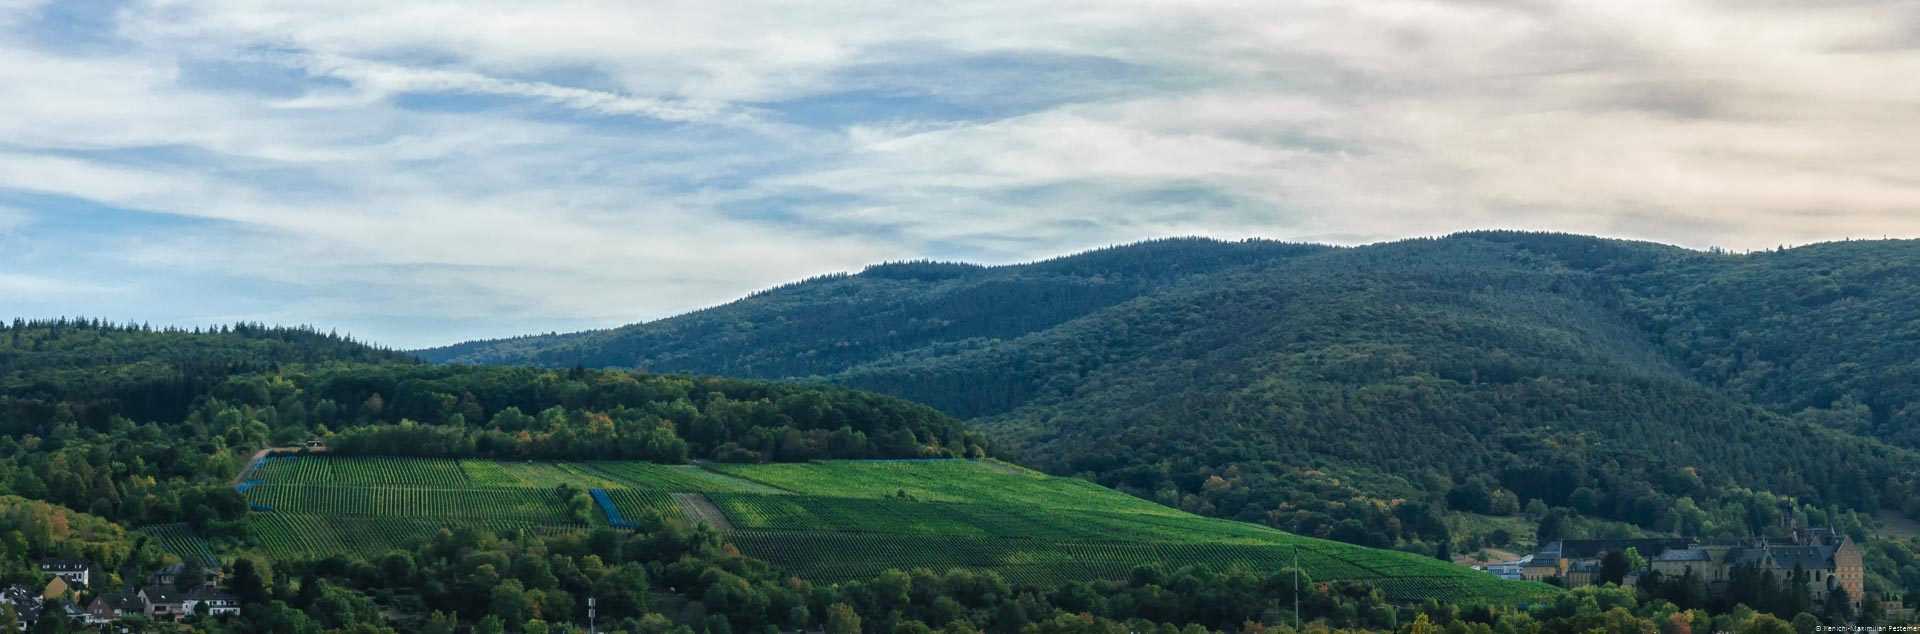 Weinberg mitten in bewaldeten Hügeln und bewölkter Himmel